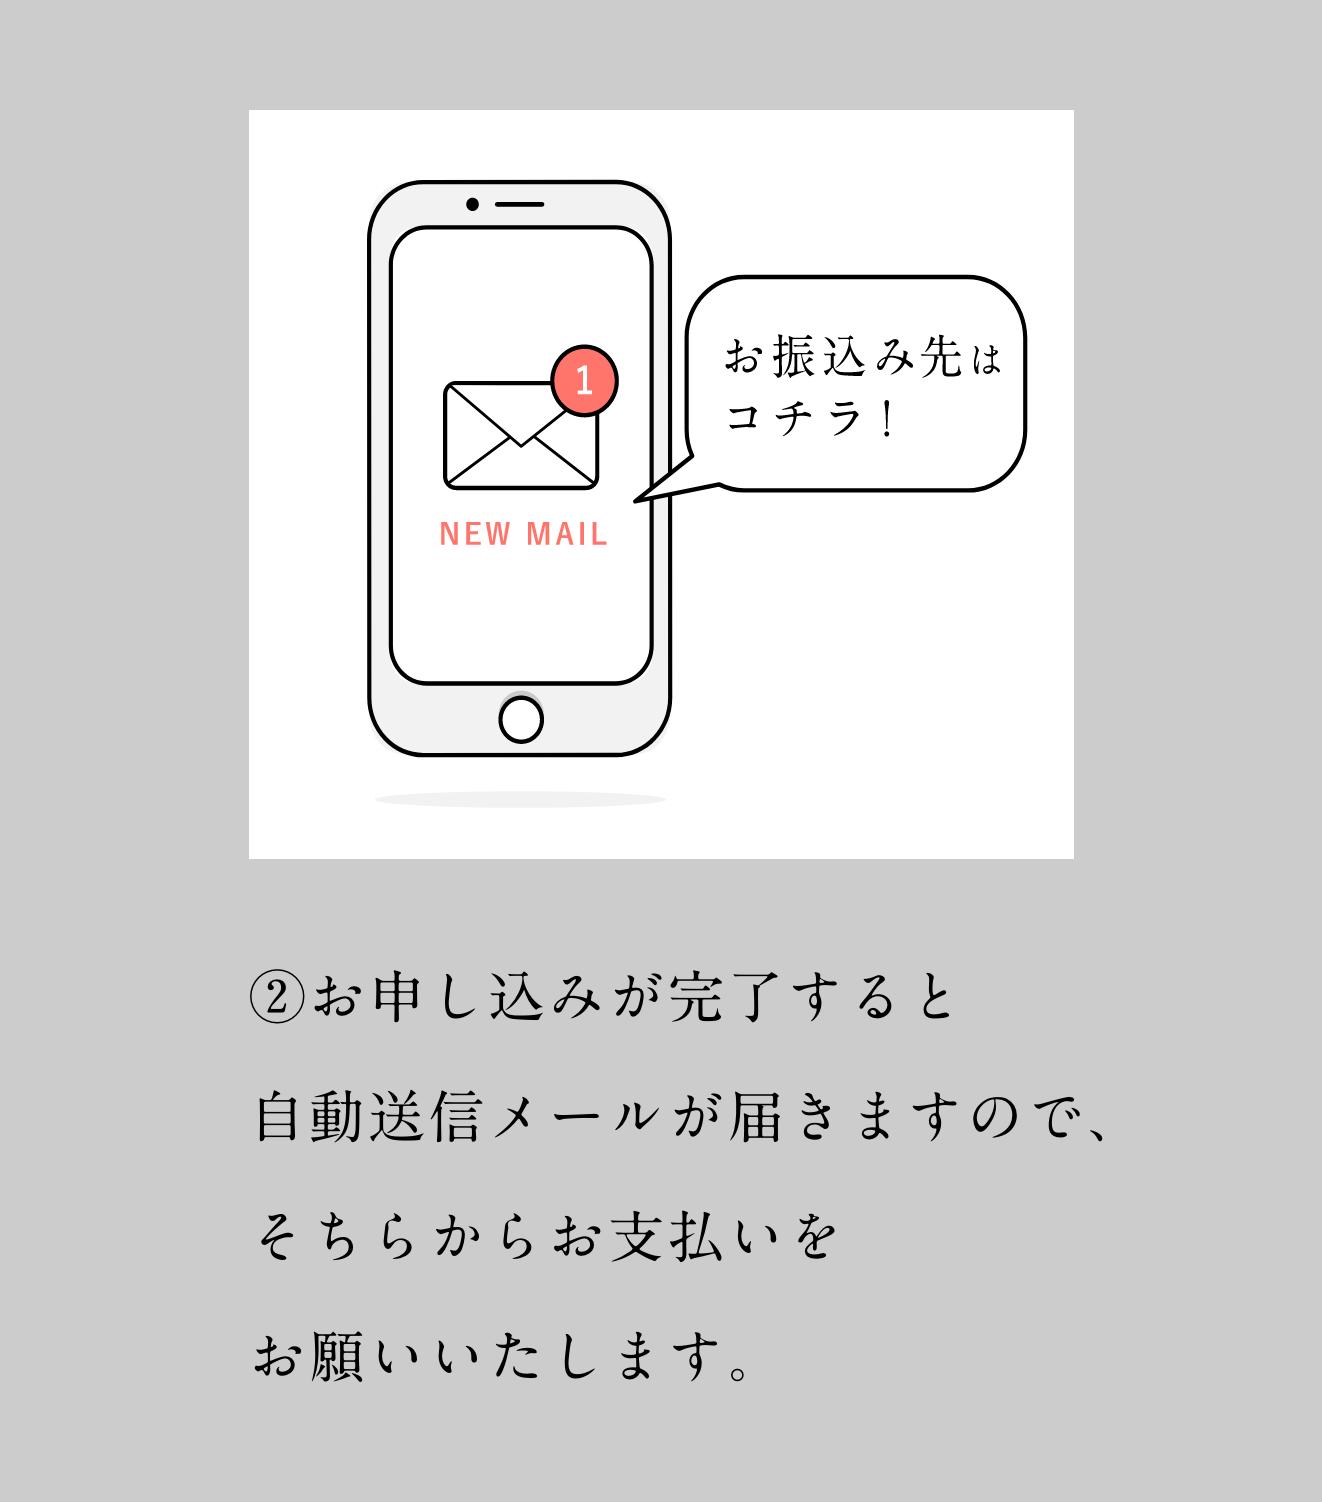 ②お申し込みが完了すると自動送信メールが届きますので、そちらからお支払いをお願いいたします。